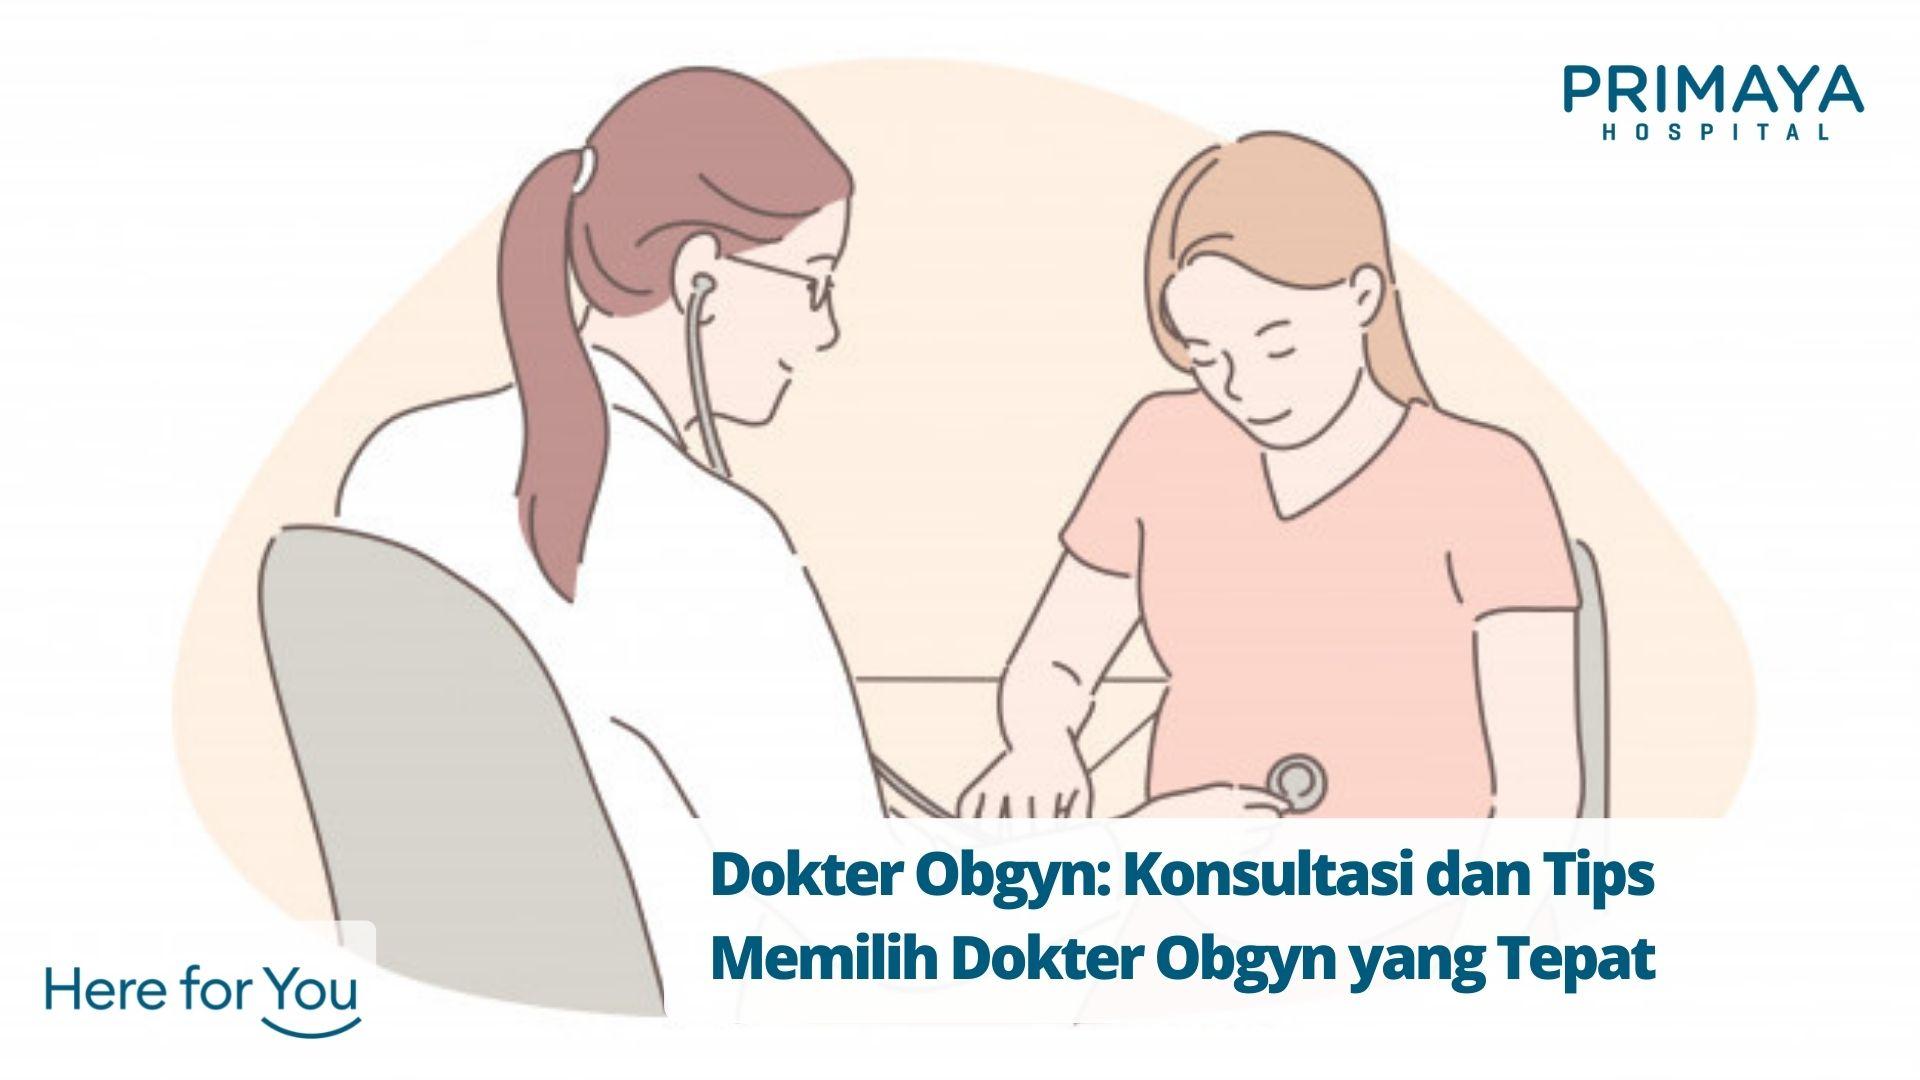 Dokter Obgyn: Konsultasi dan Tips Memilih Dokter Obgyn yang Tepat